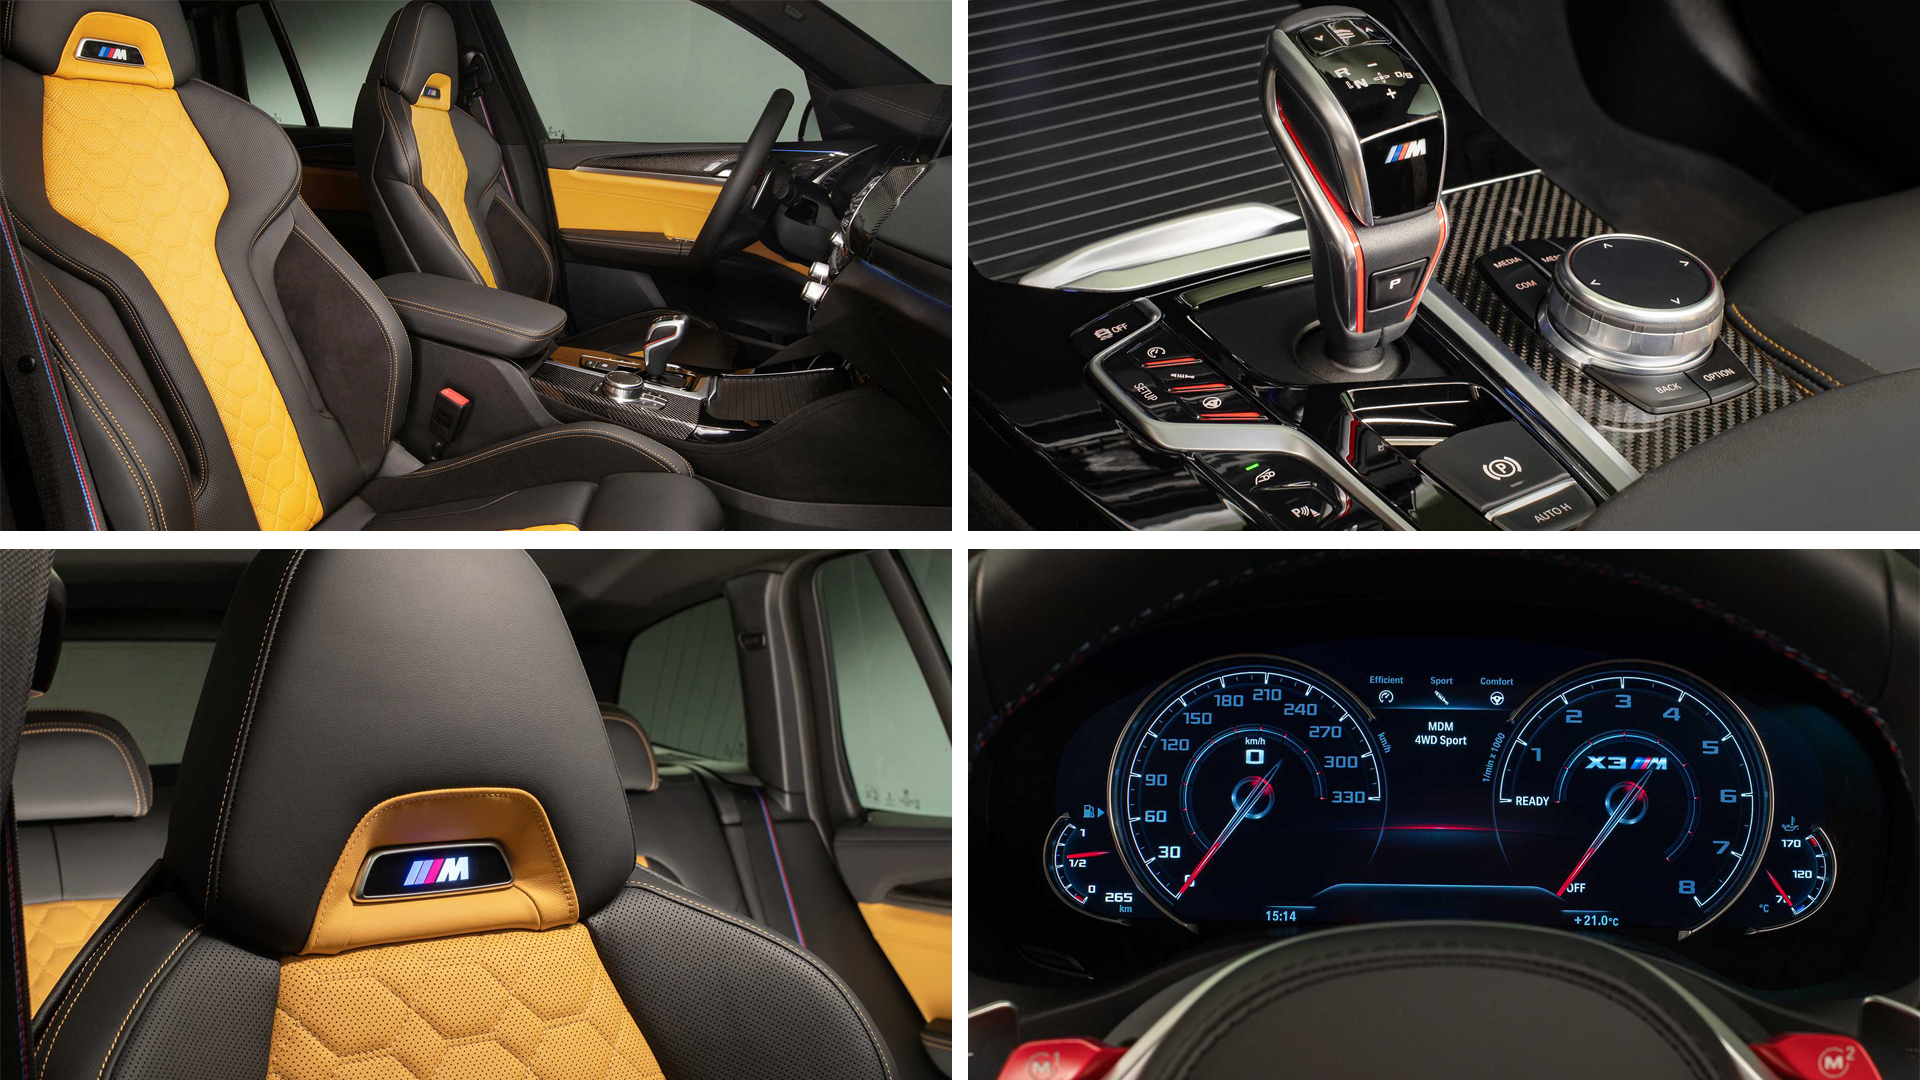 BMW X3 M BMW X4 M